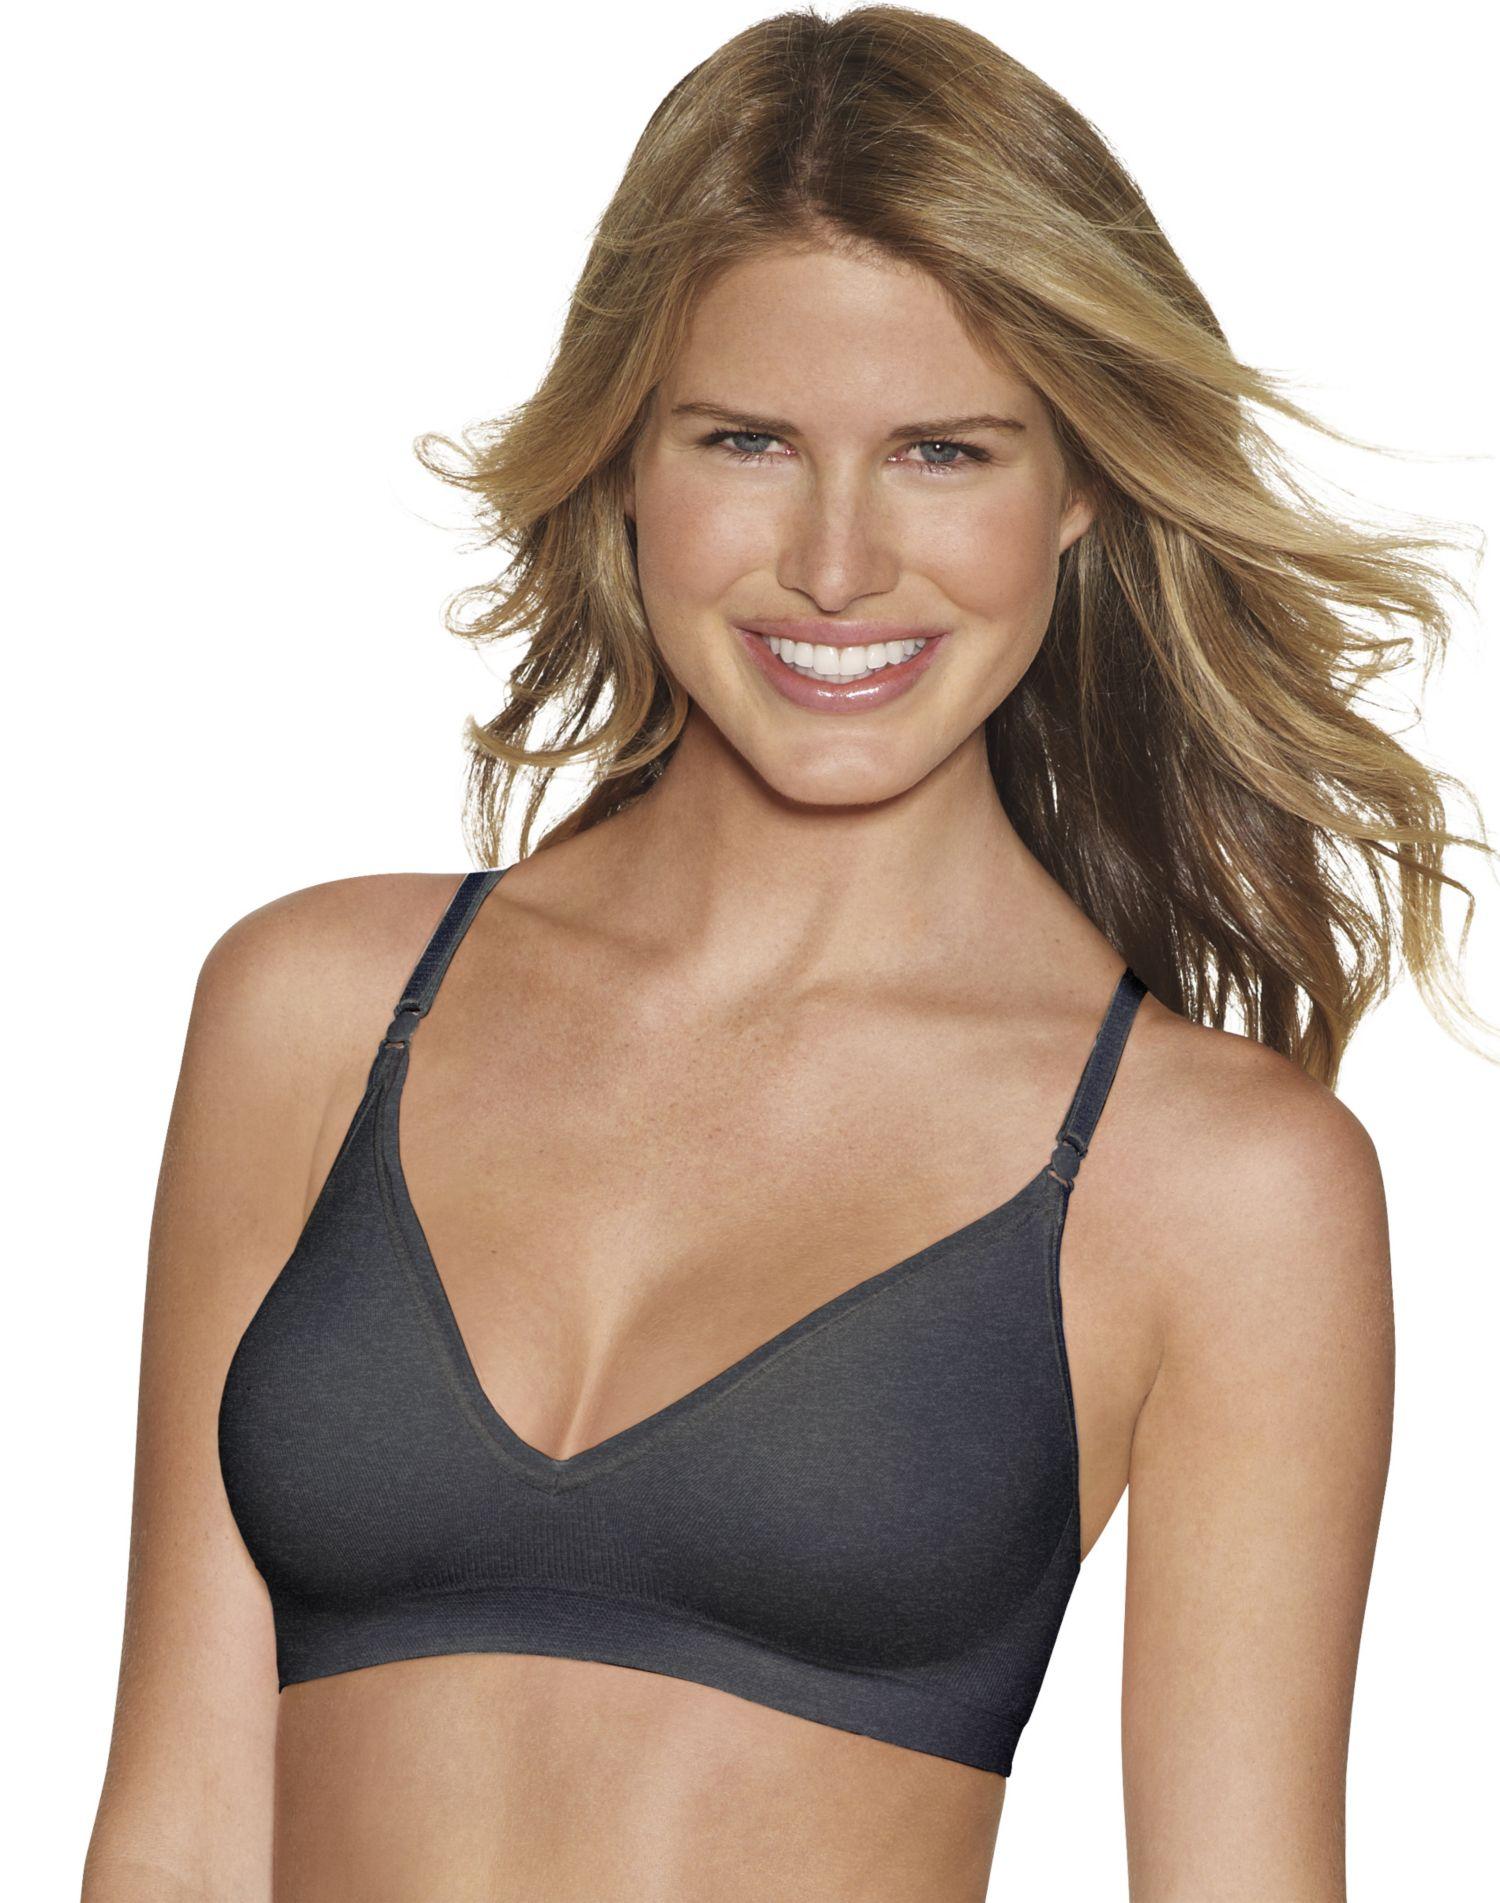 hei fit free athleisure hanes p qlt spin wid comfort flex comforter women s bra comfortflex wire prod